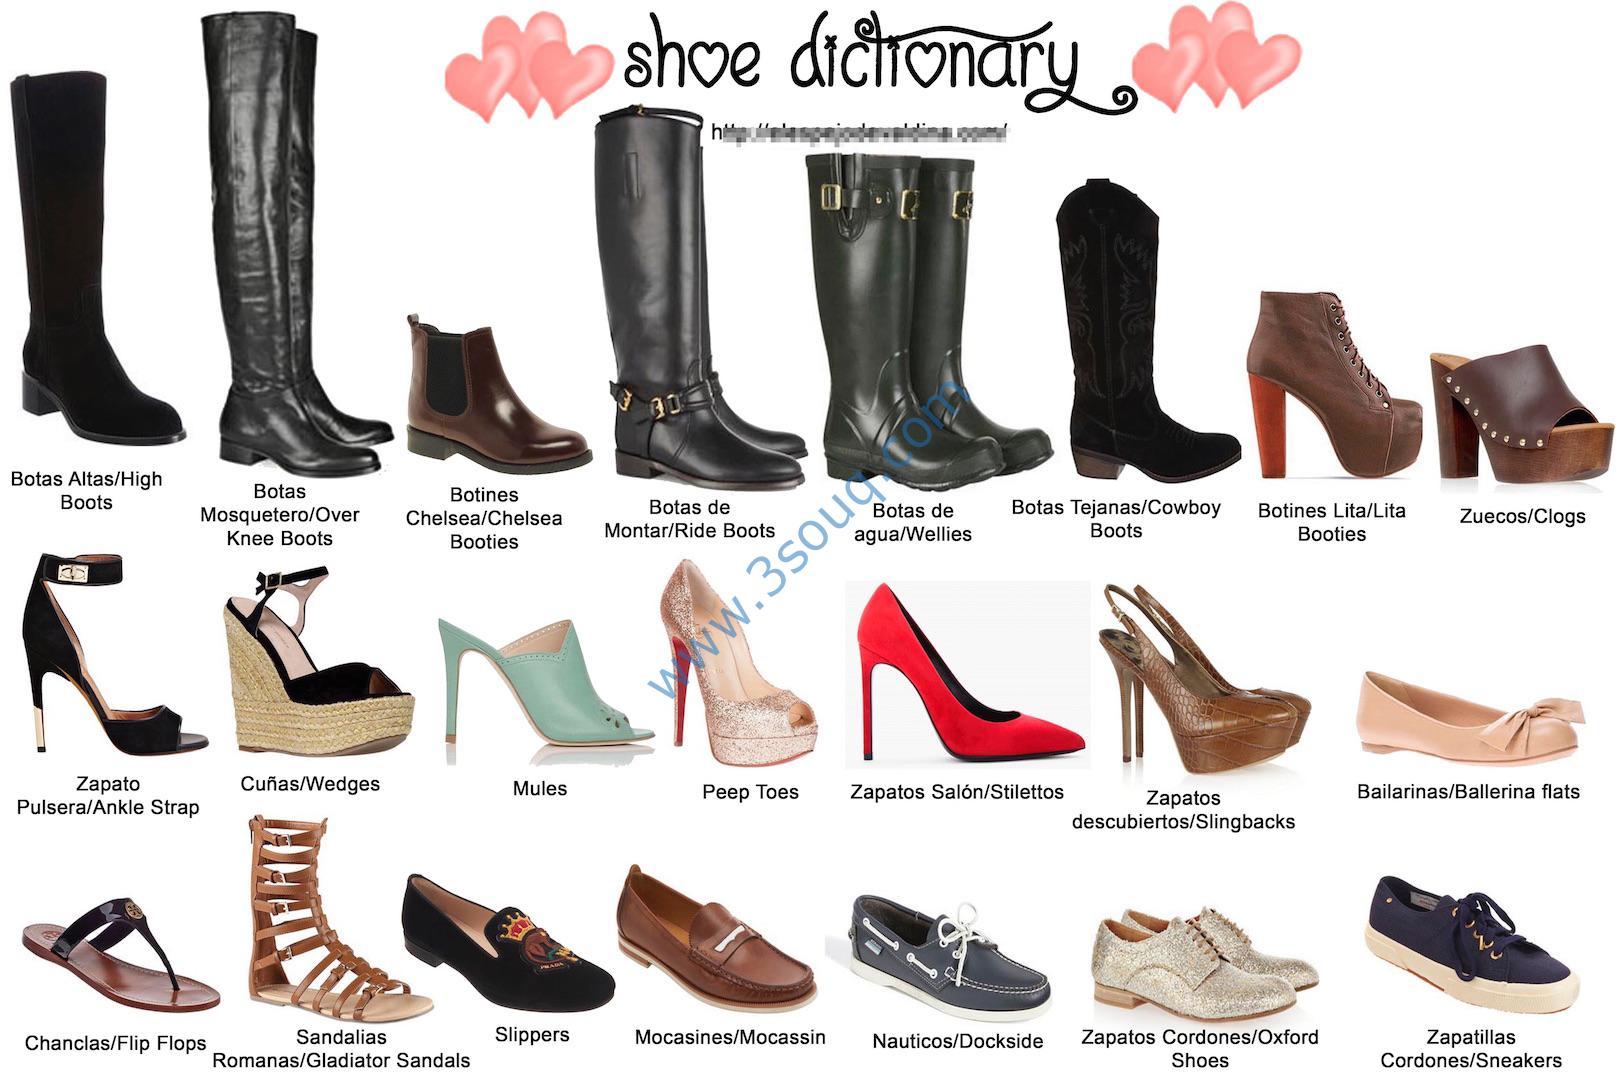 ce600c714 كيف تختار المقاس الصحيح للحذاء ؟ ( ستة خطوات ) – التسوق الالكتروني